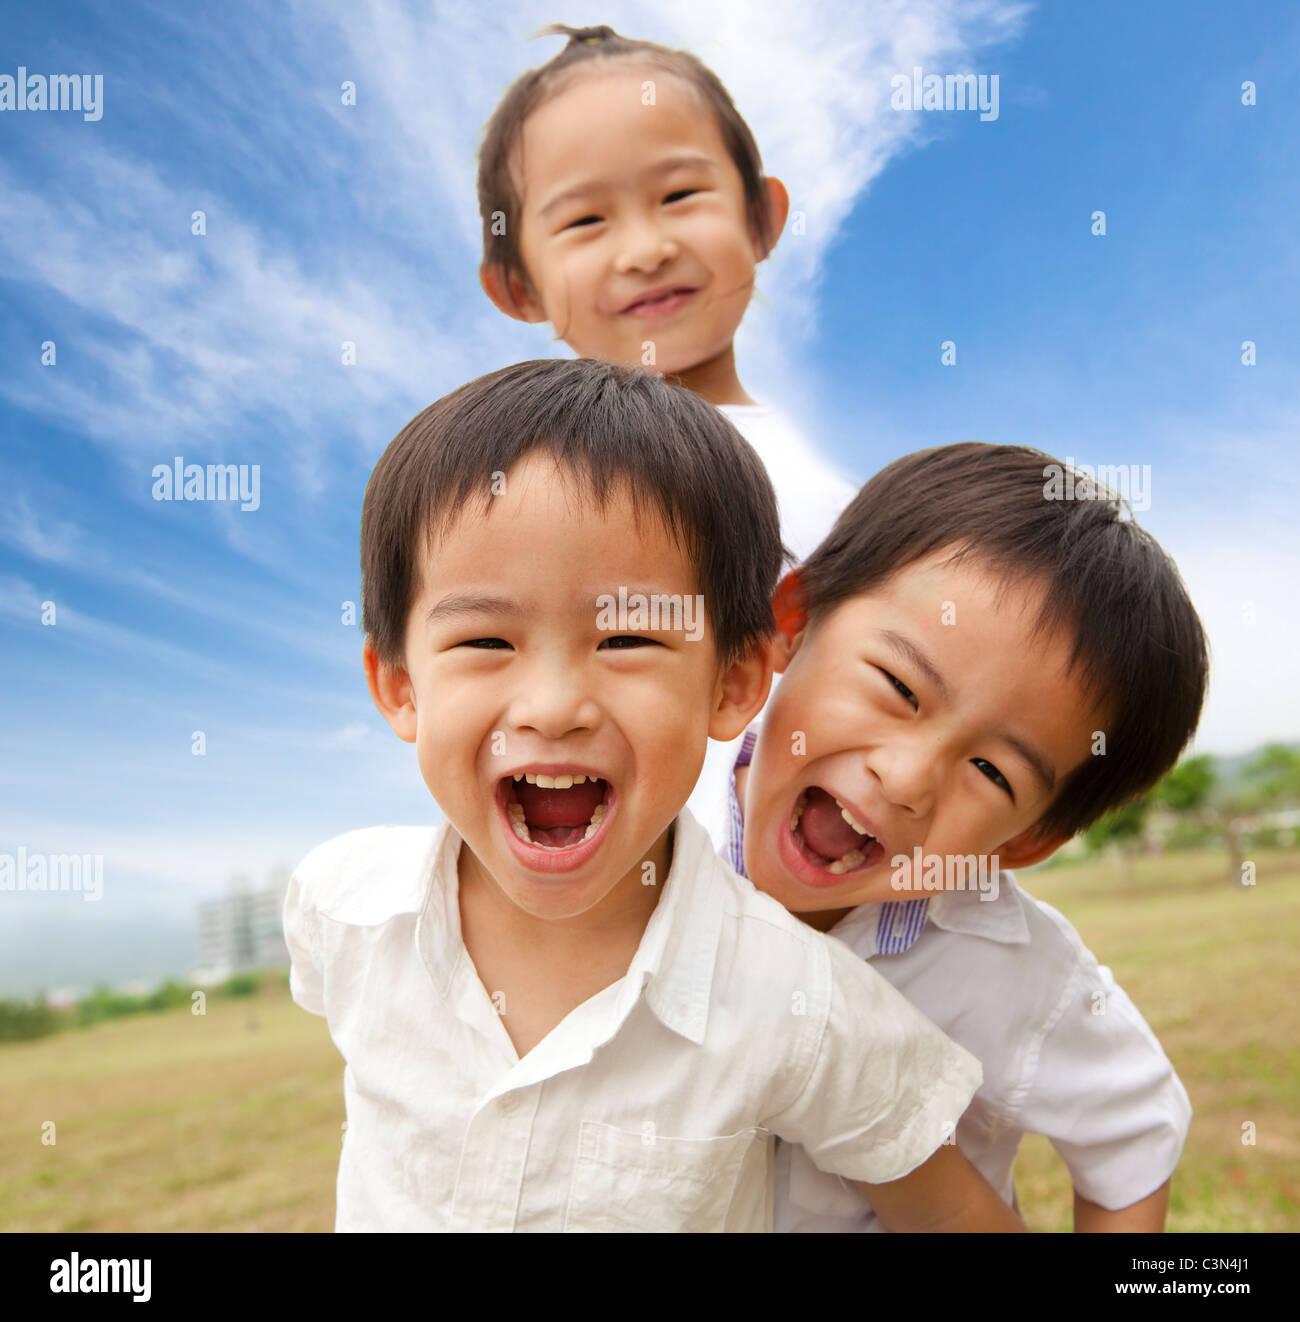 Retrato de feliz crianças piscina Imagens de Stock